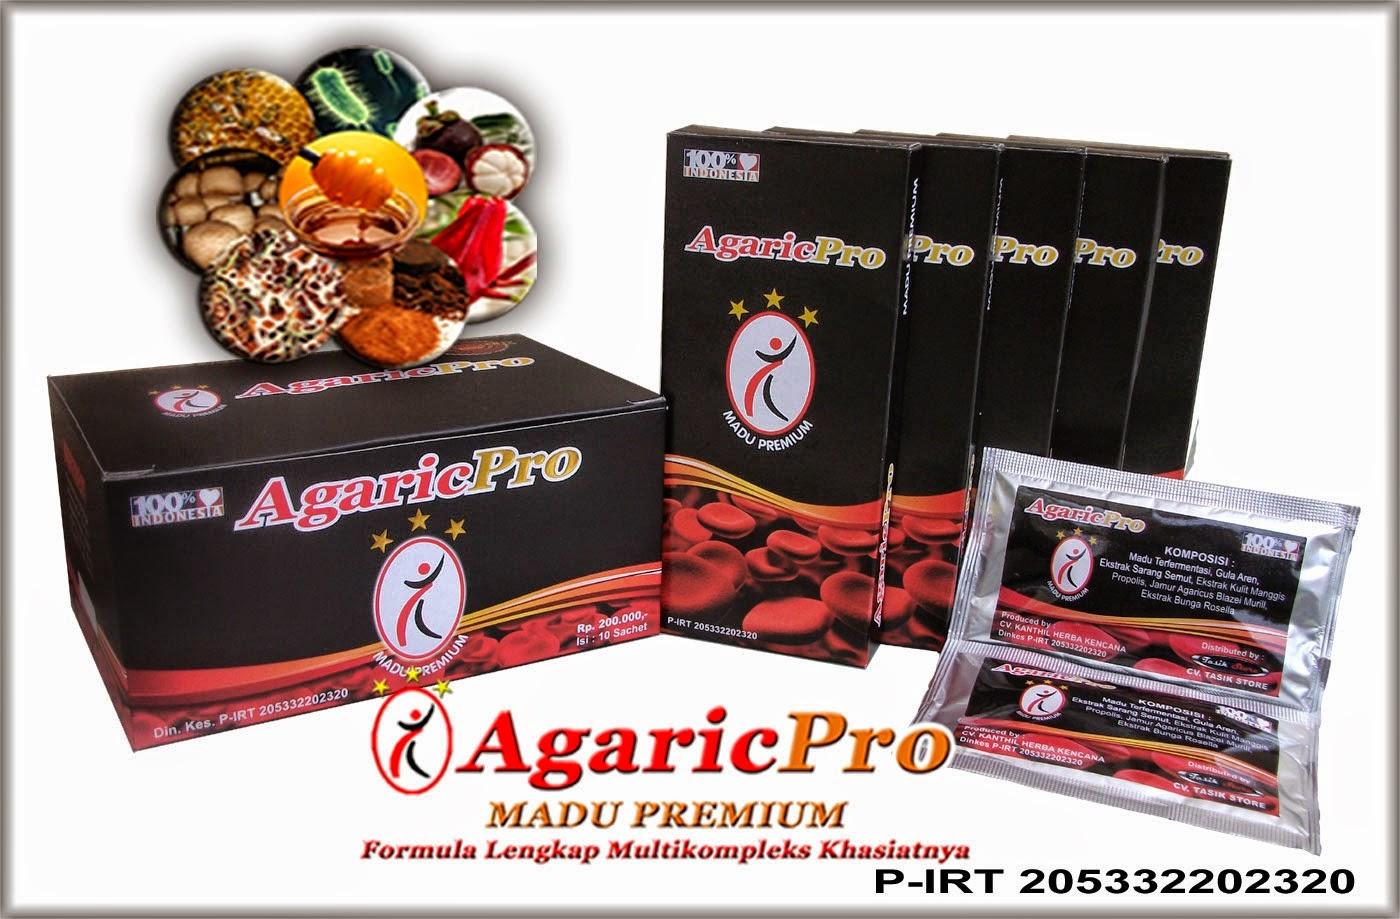 AgaricPro Obat Herbal Penyakit TBC